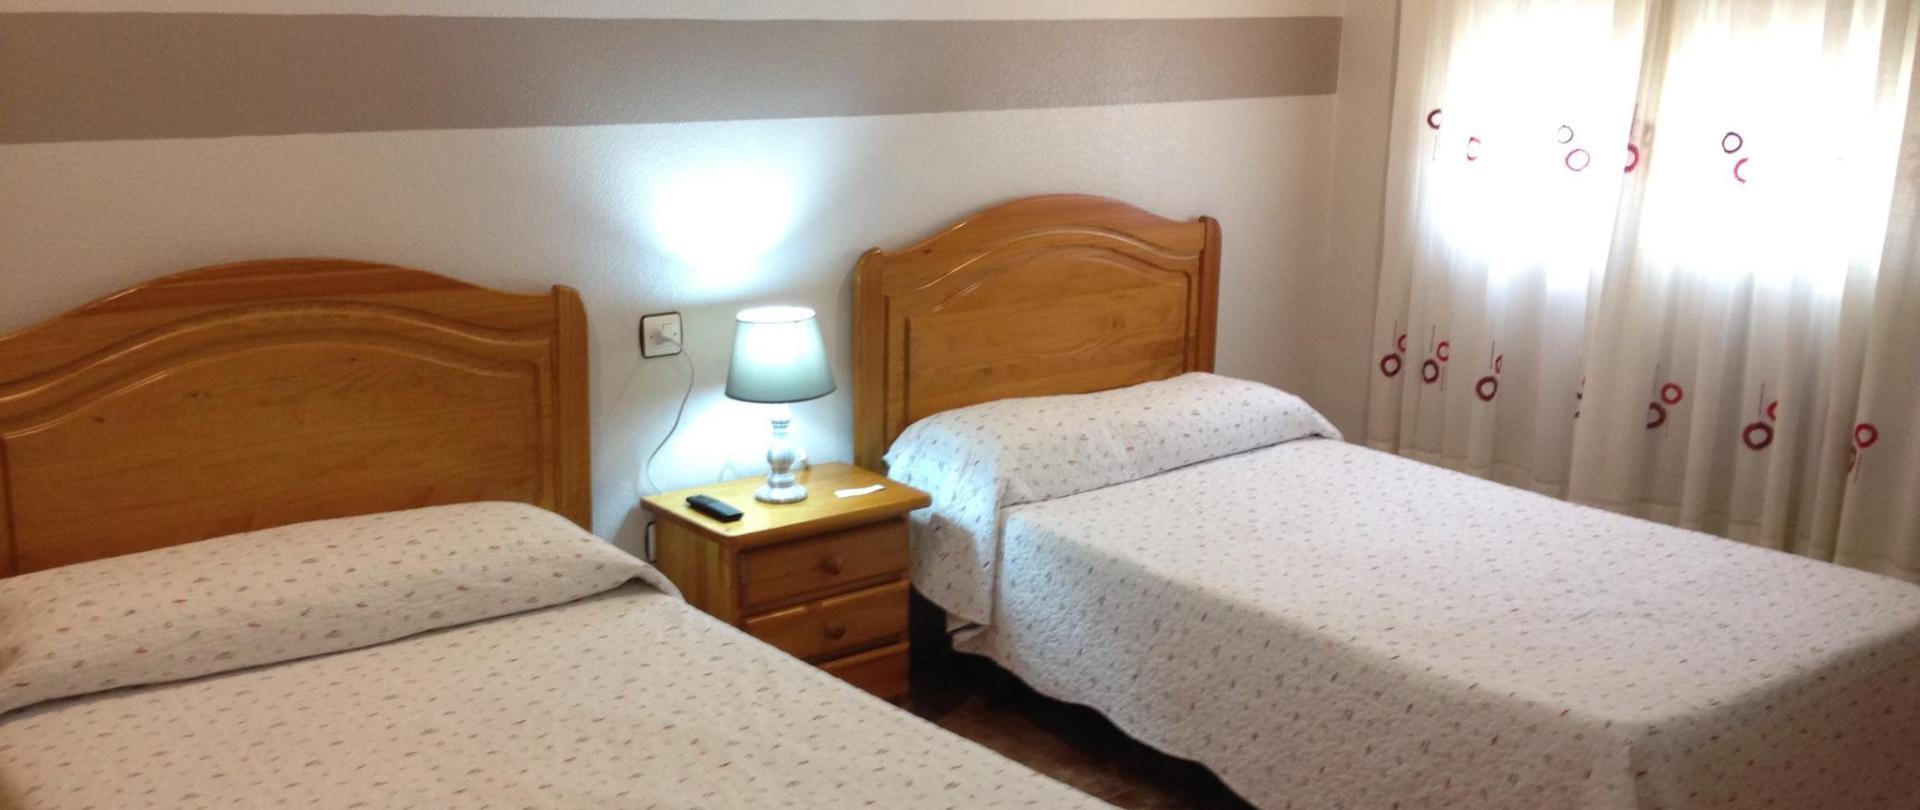 Hotel Bullas Flipper 1.jpg